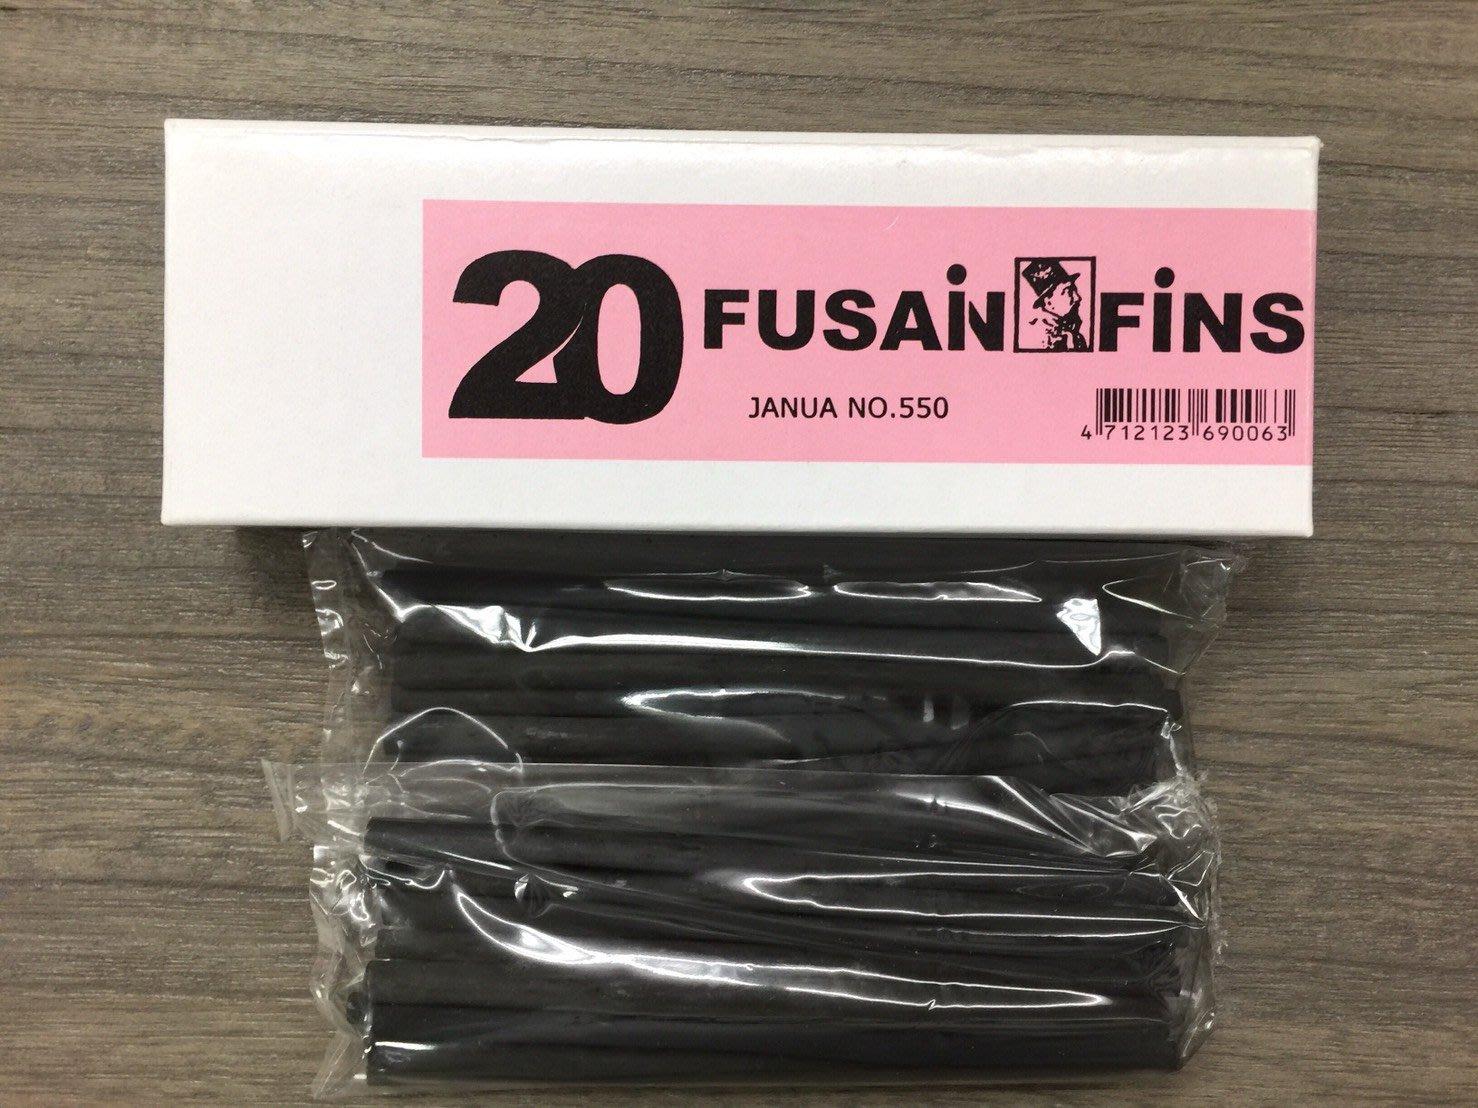 藝城美術►炭筆 JANUA 老人牌 No.550 日本製 素描木炭筆 (20入)